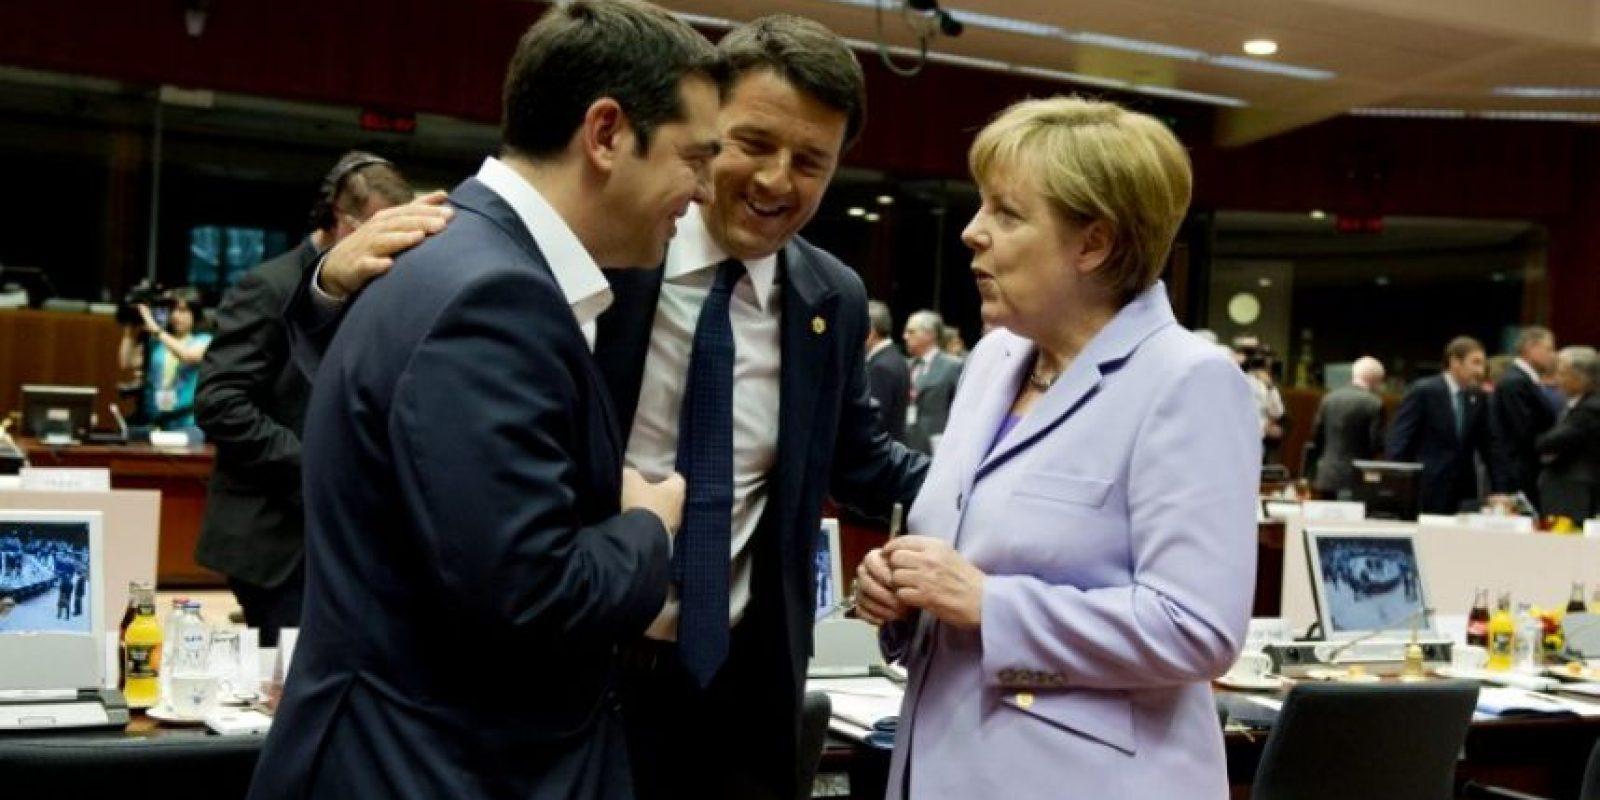 """""""Alemania es el principal prestador de Grecia"""", comenta Sohr. Ellos son muy estrictos en sus finanzas públicas y objetan de manera bastante fuerte la forma inmoral e irresponsable en la que Grecia utilizó los recursos"""". Foto:AFP"""